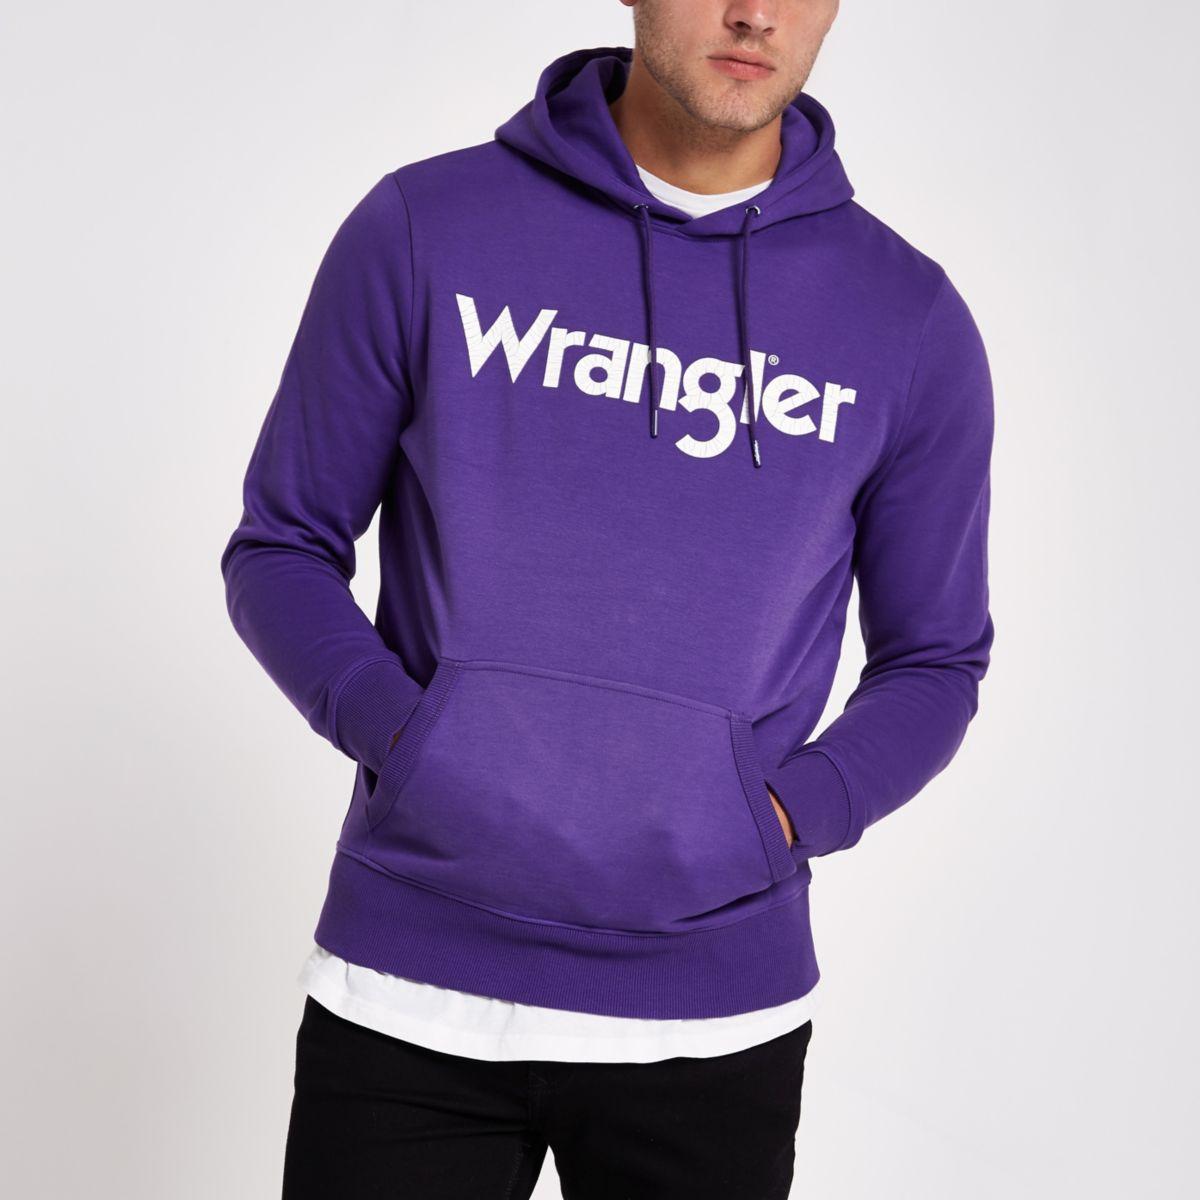 Wrangler purple hoodie